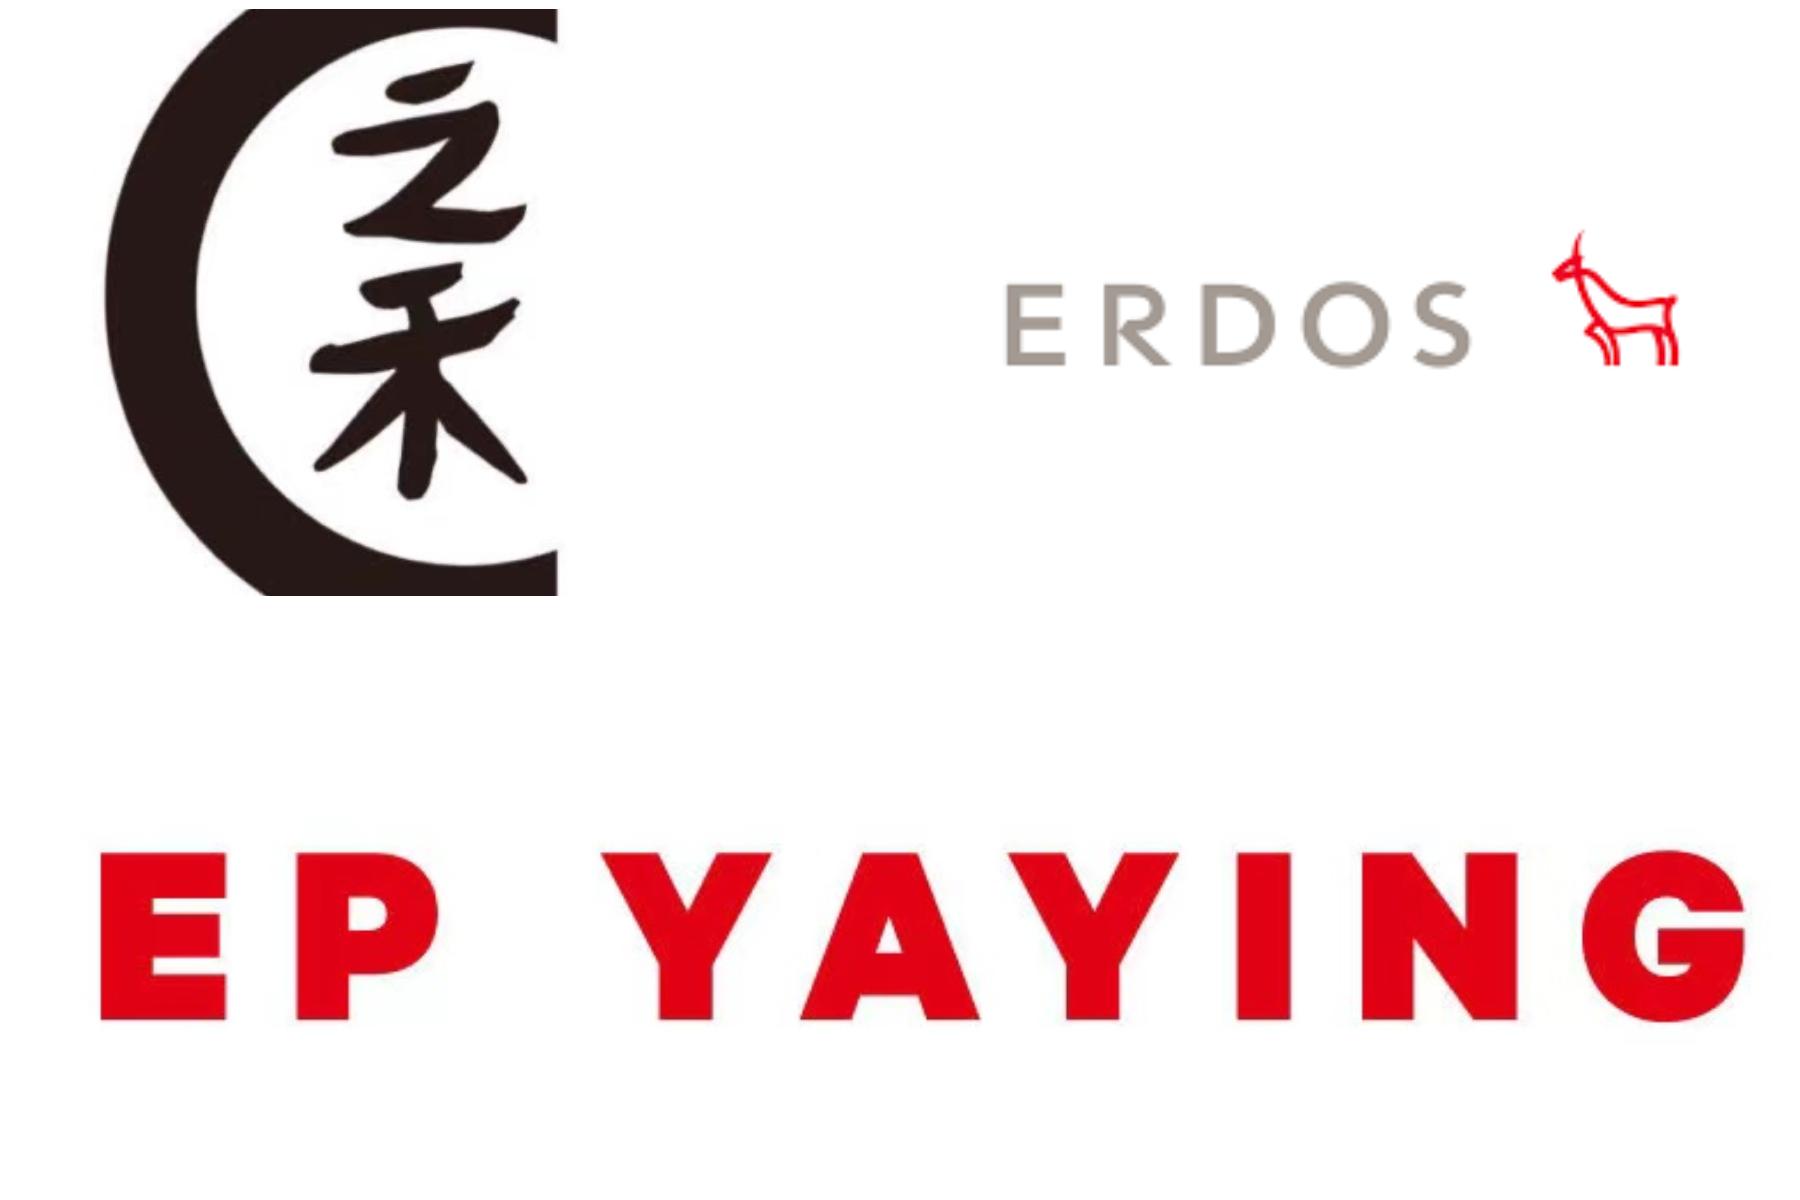 中国品牌如何做好可持续产品?之禾、鄂尔多斯、雅莹交出了自己的答卷